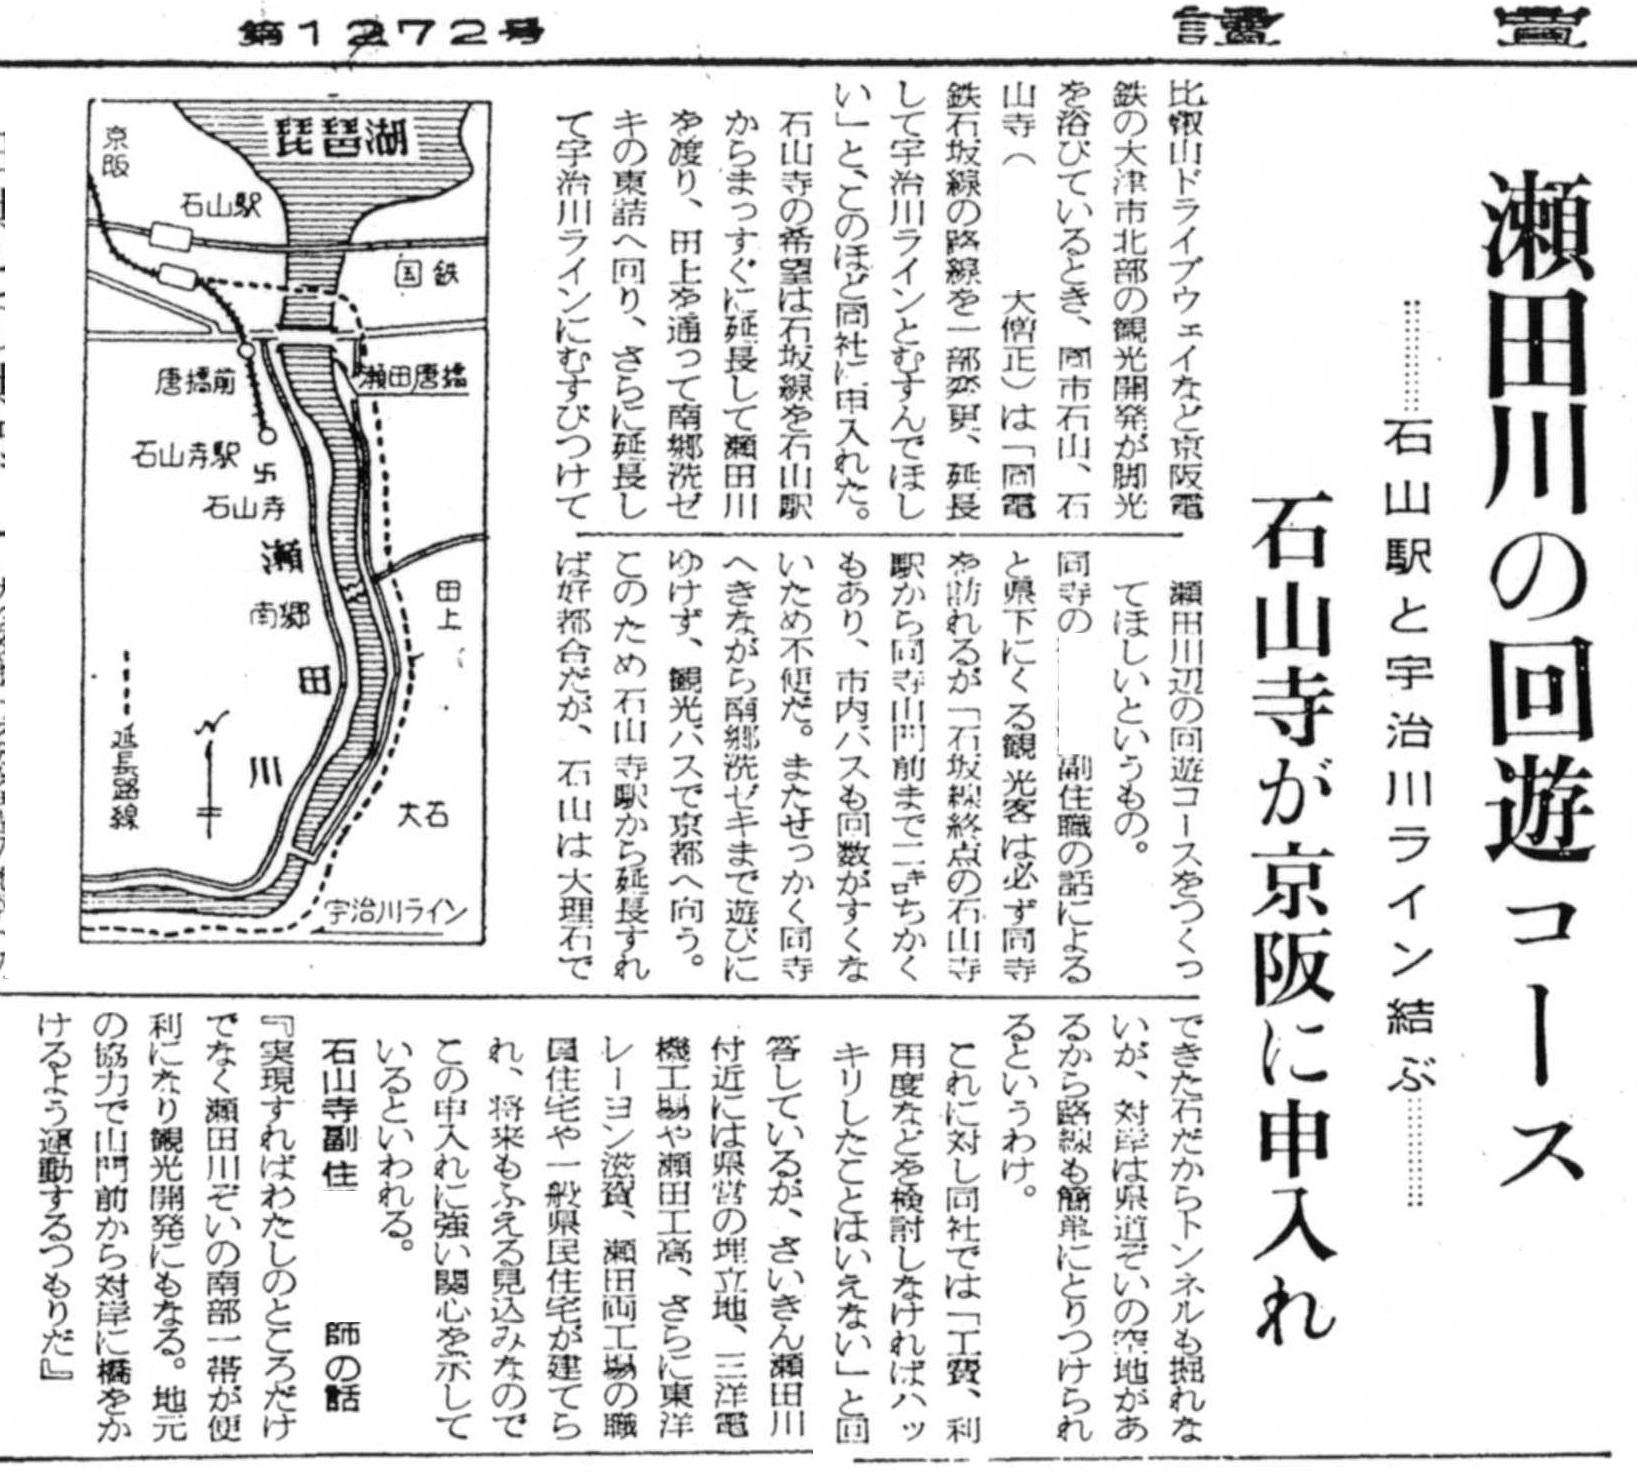 S31.5.30Y 石山駅と宇治川ラインを結ぶ回遊コースb